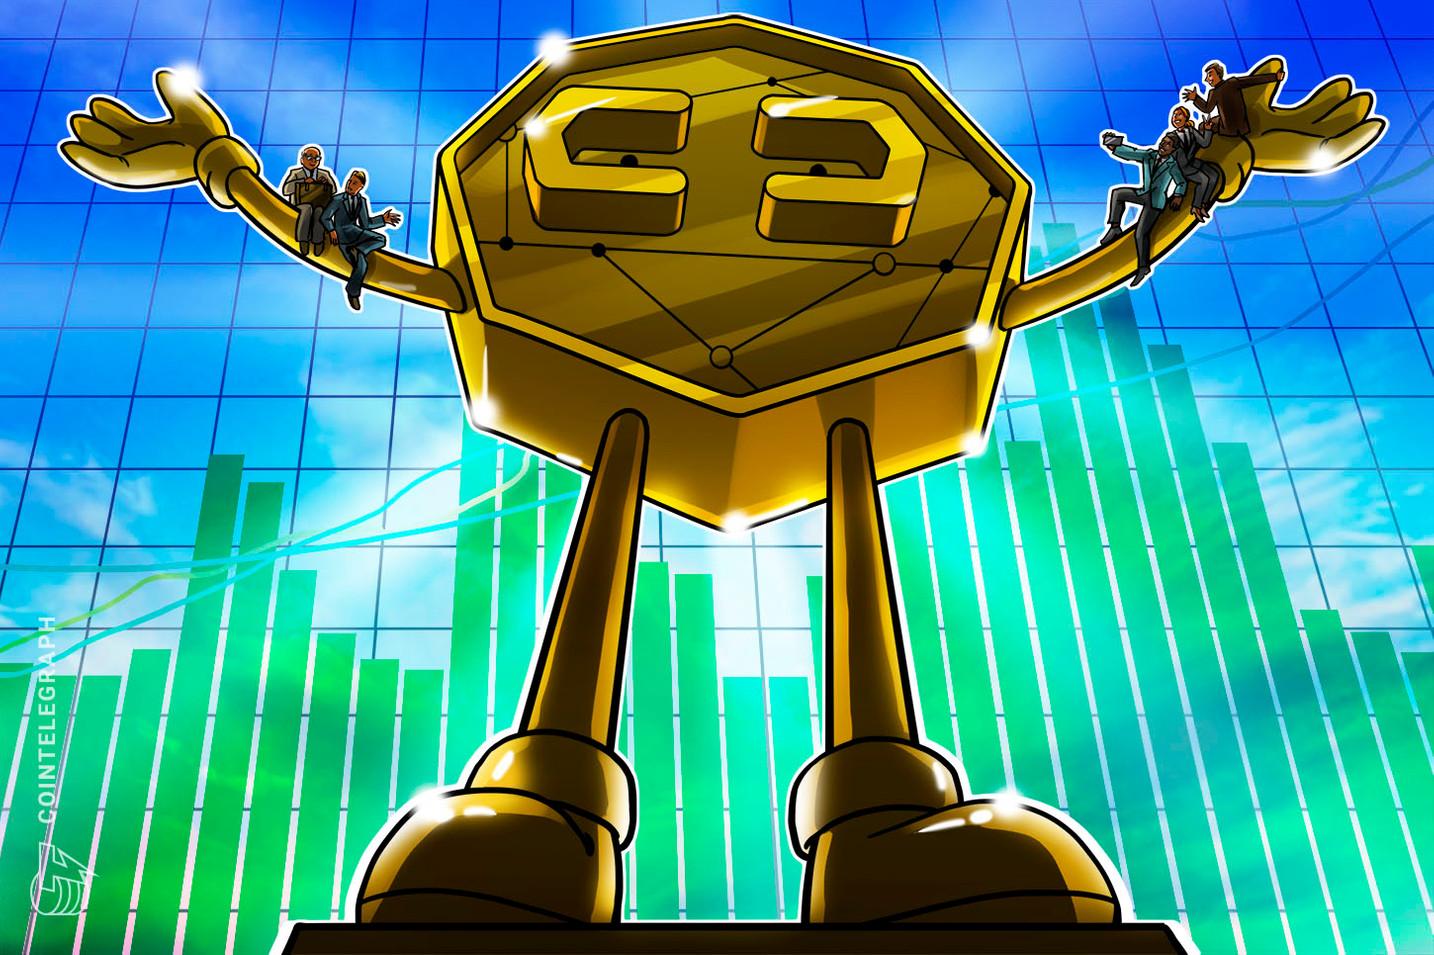 El emisor suizo de un ETP de criptomonedas supera los $1,000 millones de dólares de activos gestionados